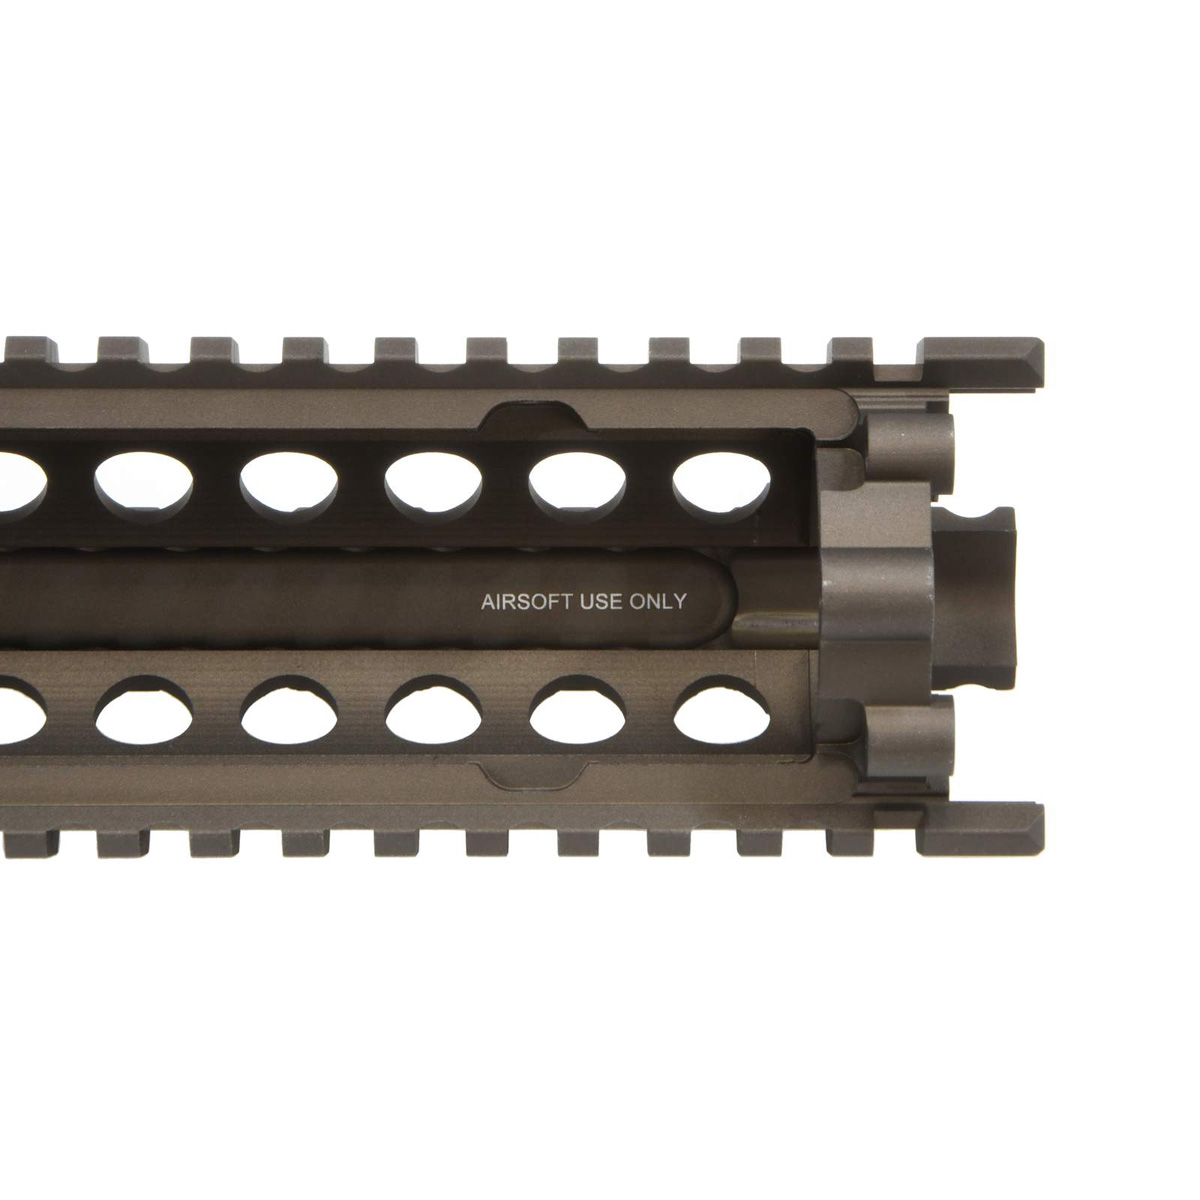 VFC Daniel Defense MK18 RIS2 レイルハンドガード *タン/ダニエルディフェンスライセンス品 【品番:VF9-HGD-DDRIS2-TN01】